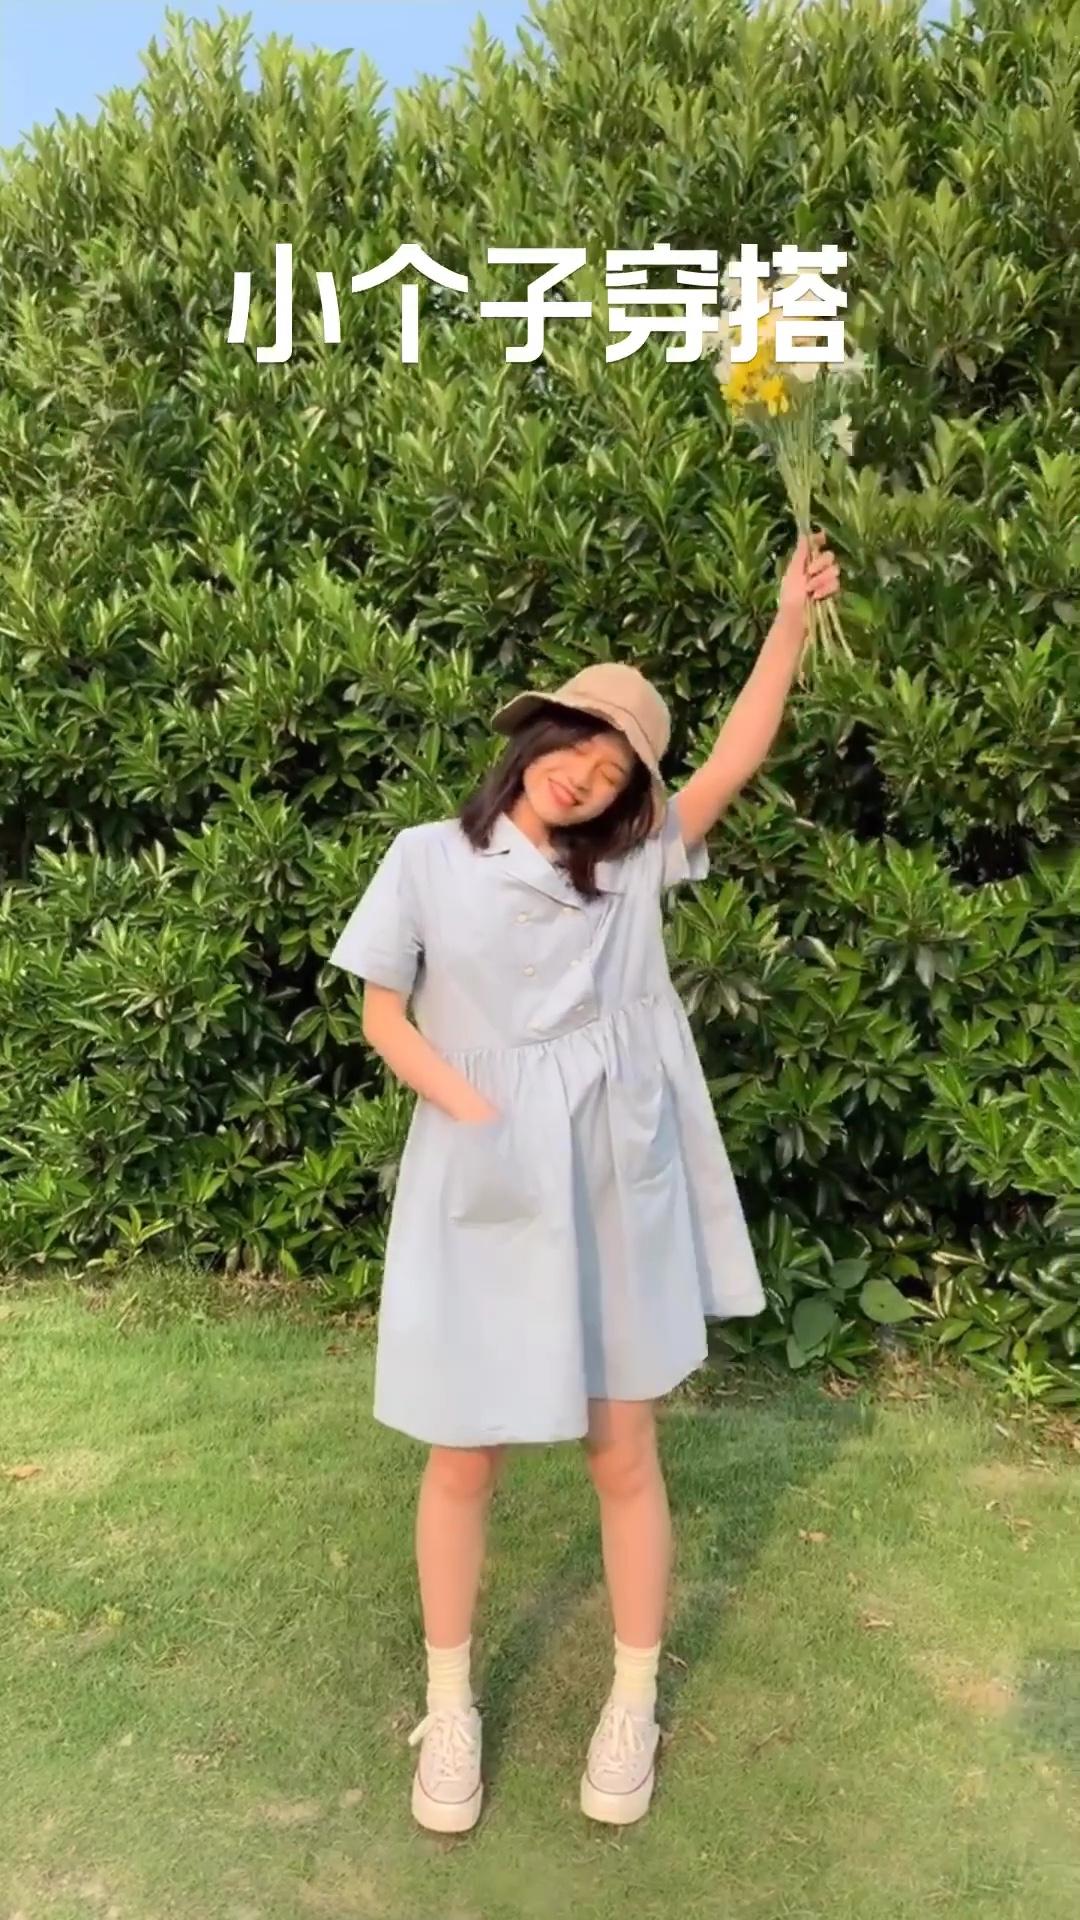 #我要穿裙几到80岁~#  夏天就是要穿各种可爱又好看的裙子呀 这条小裙裙💙真的太可爱啦! 腰线位置比一般裙子高一些 非常显腿长哦 带点A型的微宽松版型 设计了两个小口袋 插兜兜的感觉仿佛还是那个学生时代的自己!!哈哈哈 是清清爽爽的初恋小裙裙惹~ 肩膀手臂的位置也是比较宽松滴 遮住肉肉完全没问题呀 放心大胆地穿!